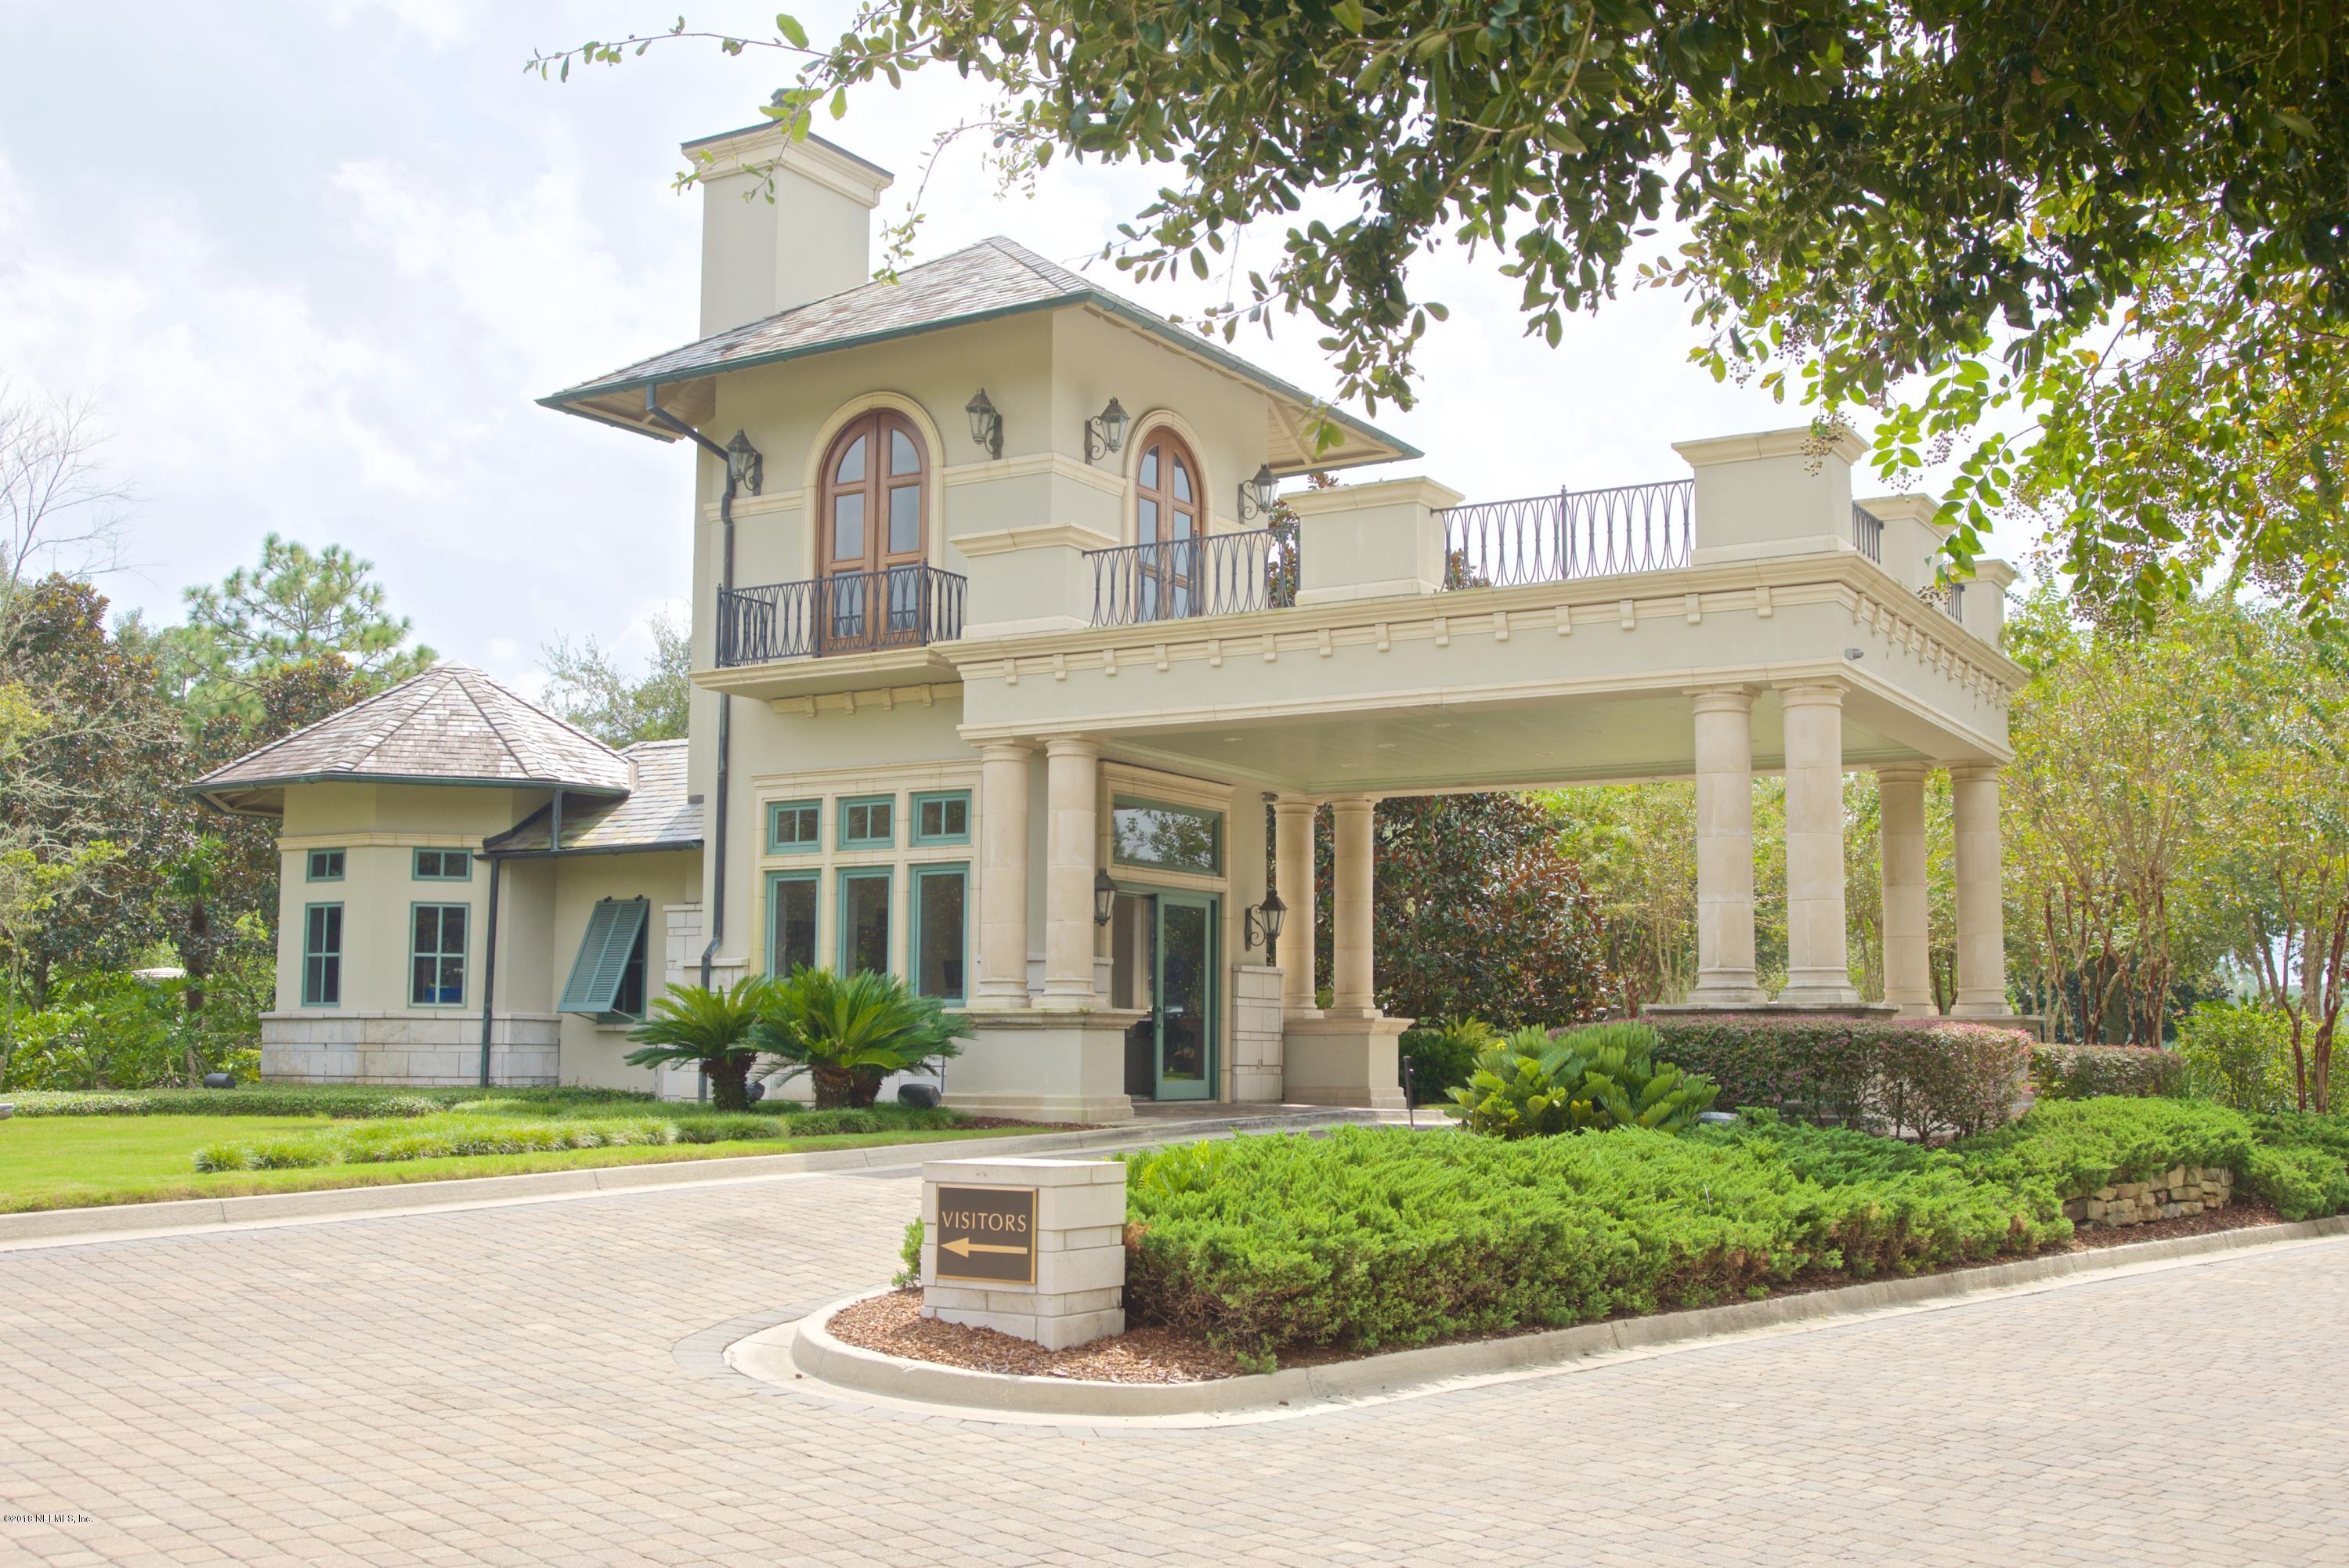 5366 CHANDLER BEND, JACKSONVILLE, FLORIDA 32224, ,Vacant land,For sale,CHANDLER BEND,935499